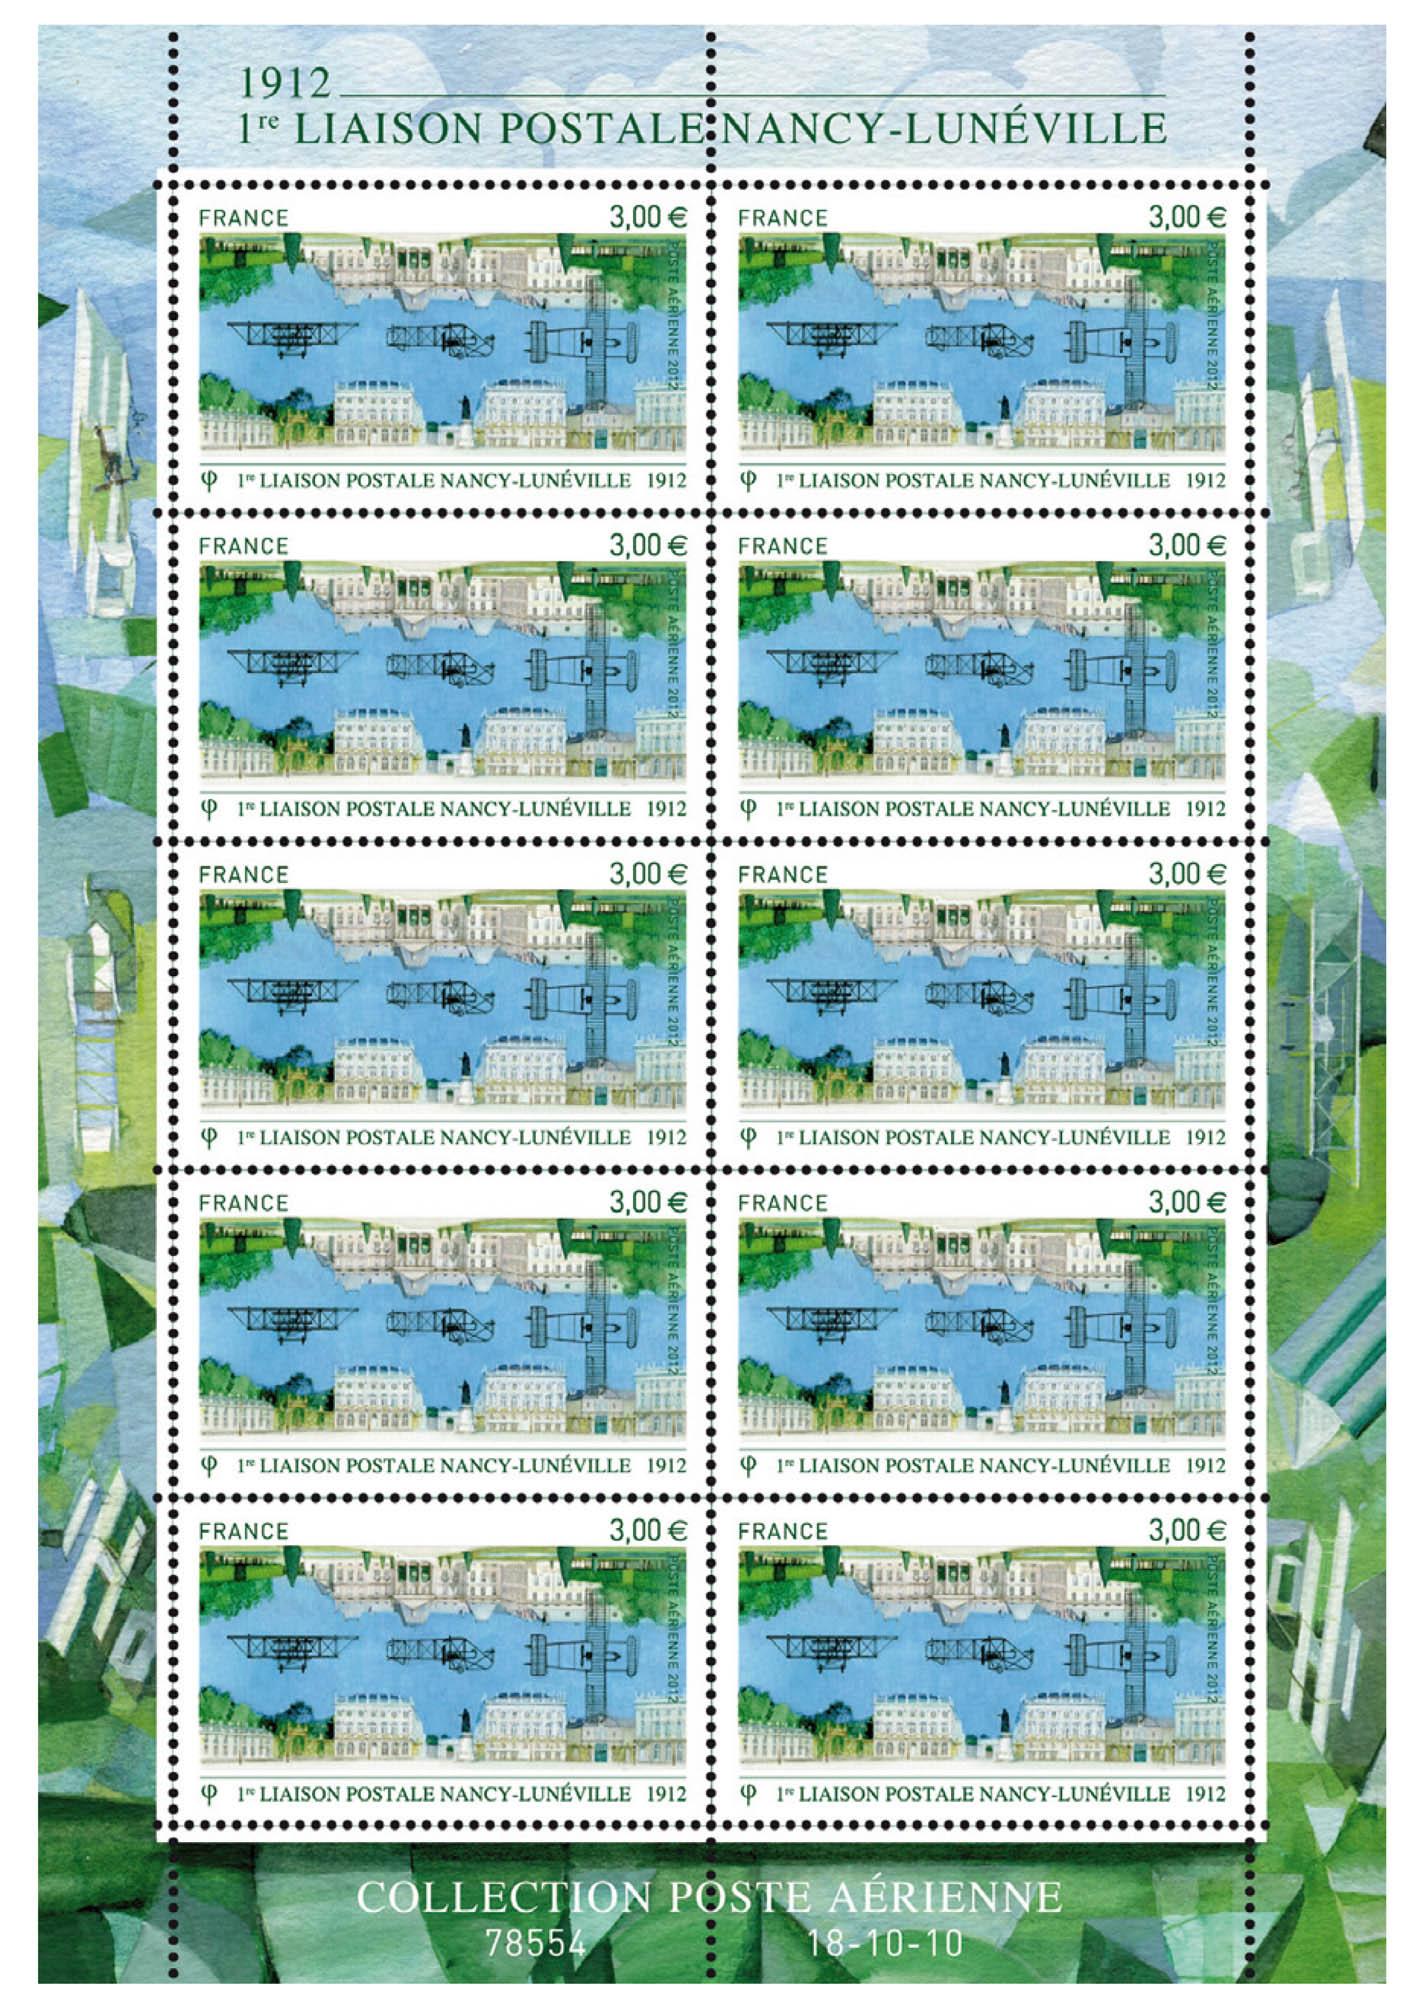 Feuillet : 1ère liaison postale NANCY-LUNÉVILLE 1912